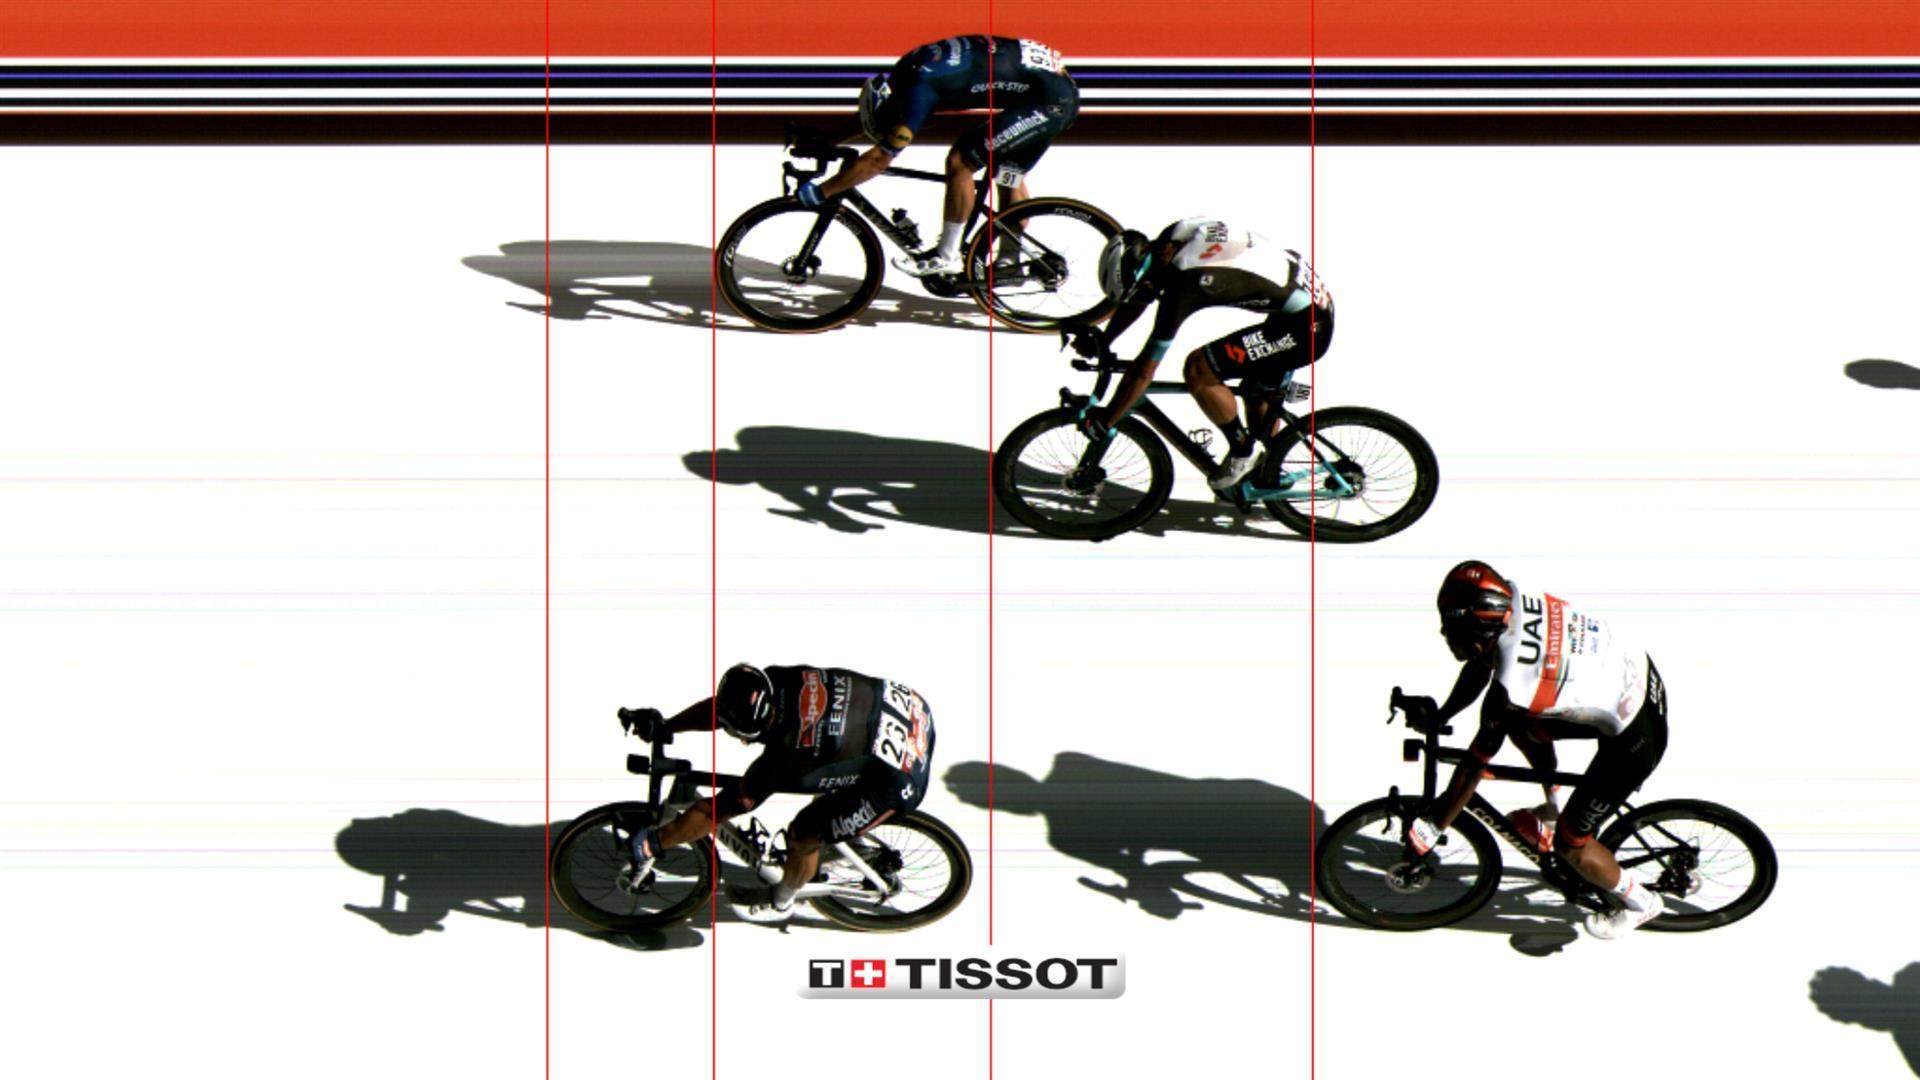 Photo Finish de la etapa